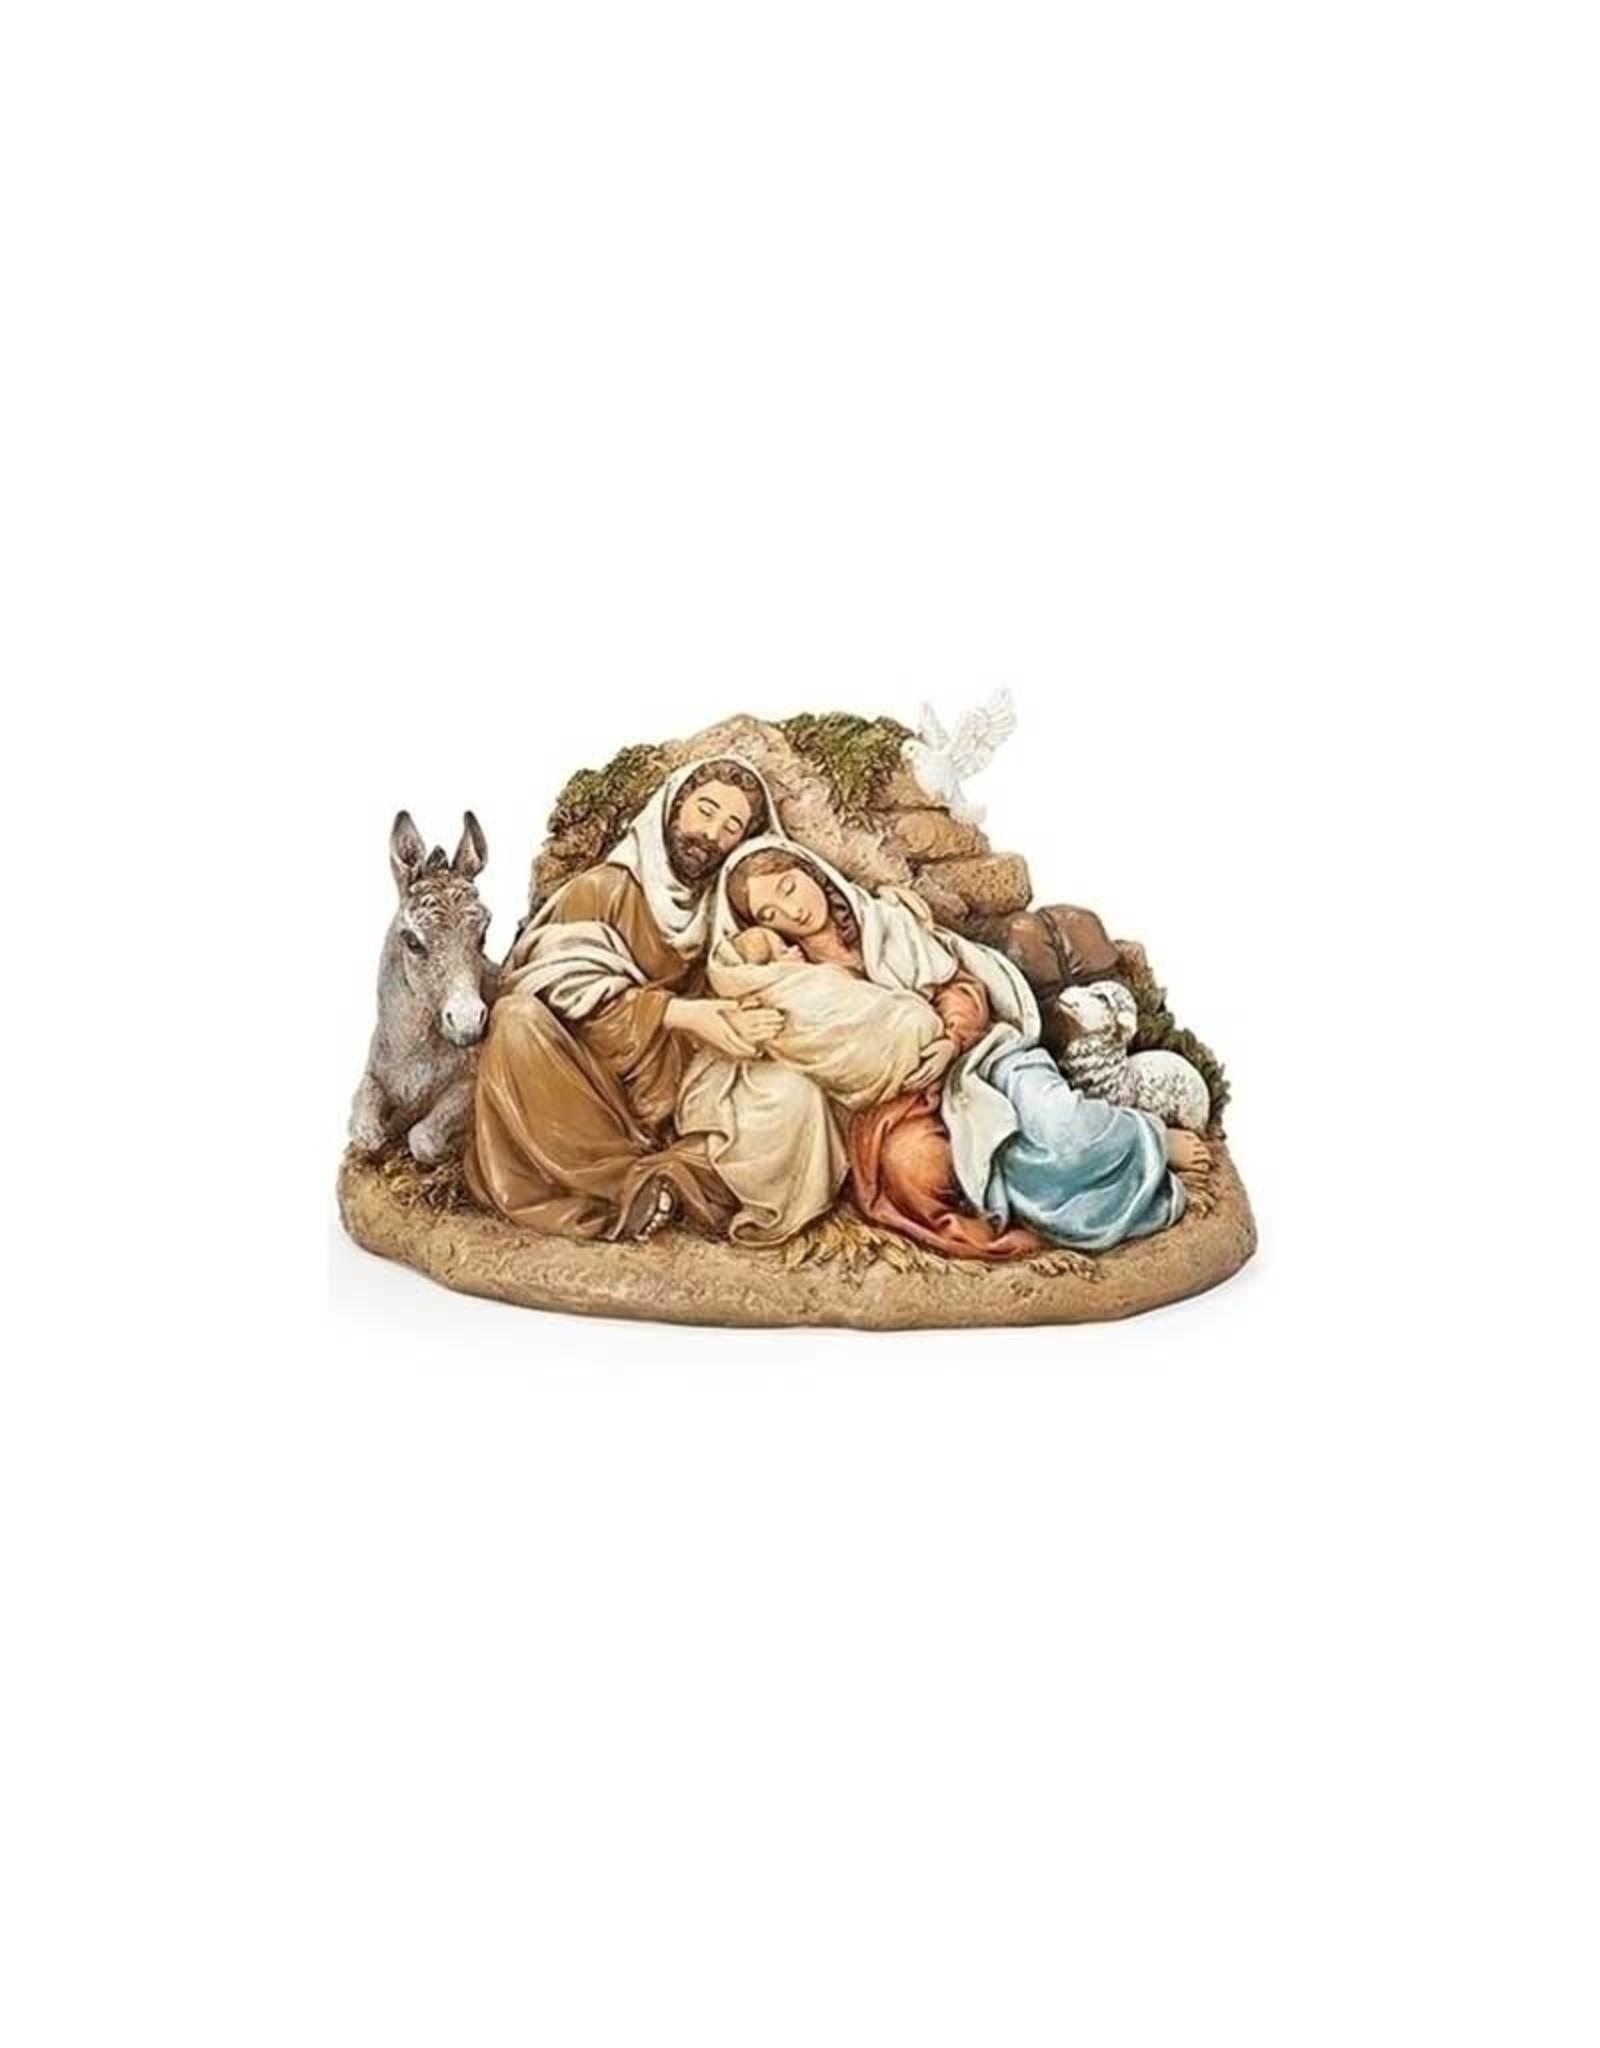 Joseph's Studio / Roman Nativité se reposant en résine (15cm)